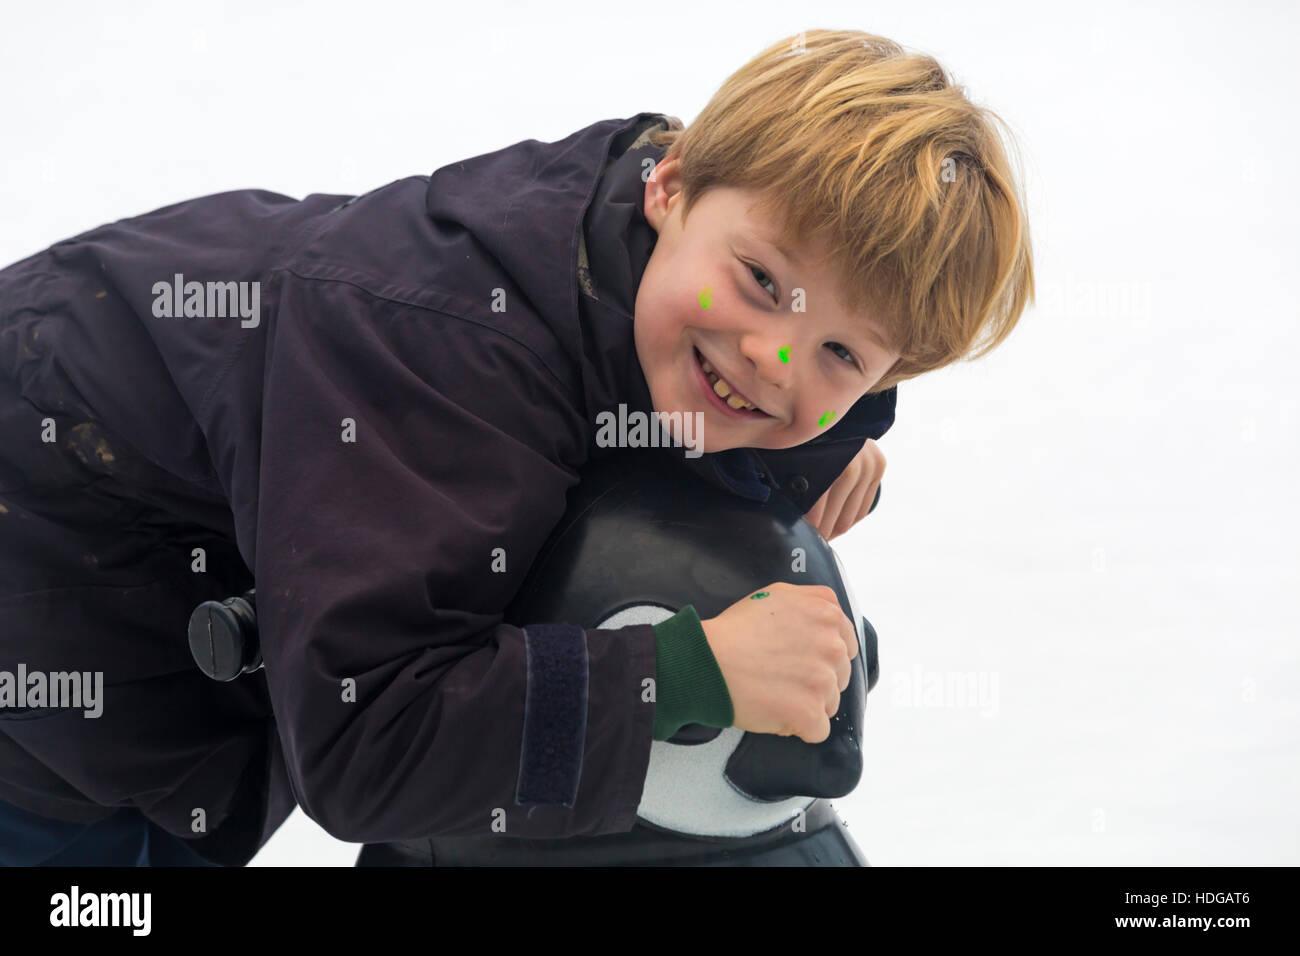 Winchester, Hampshire, Angleterre, Royaume-Uni. 12 décembre 2016. Jeune garçon aime patiner à la patinoire à la Winchester Marché de Noël. Credit: Carolyn Jenkins/Alamy Live News Banque D'Images